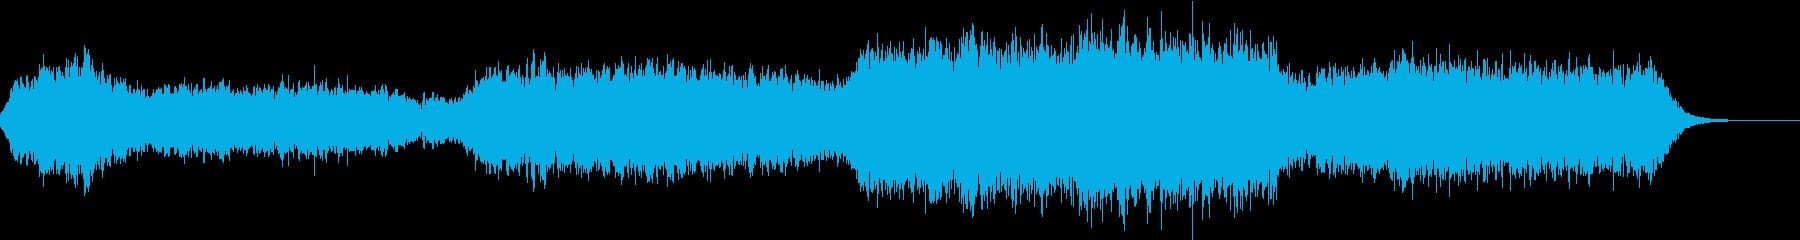 無限宇宙の再生済みの波形